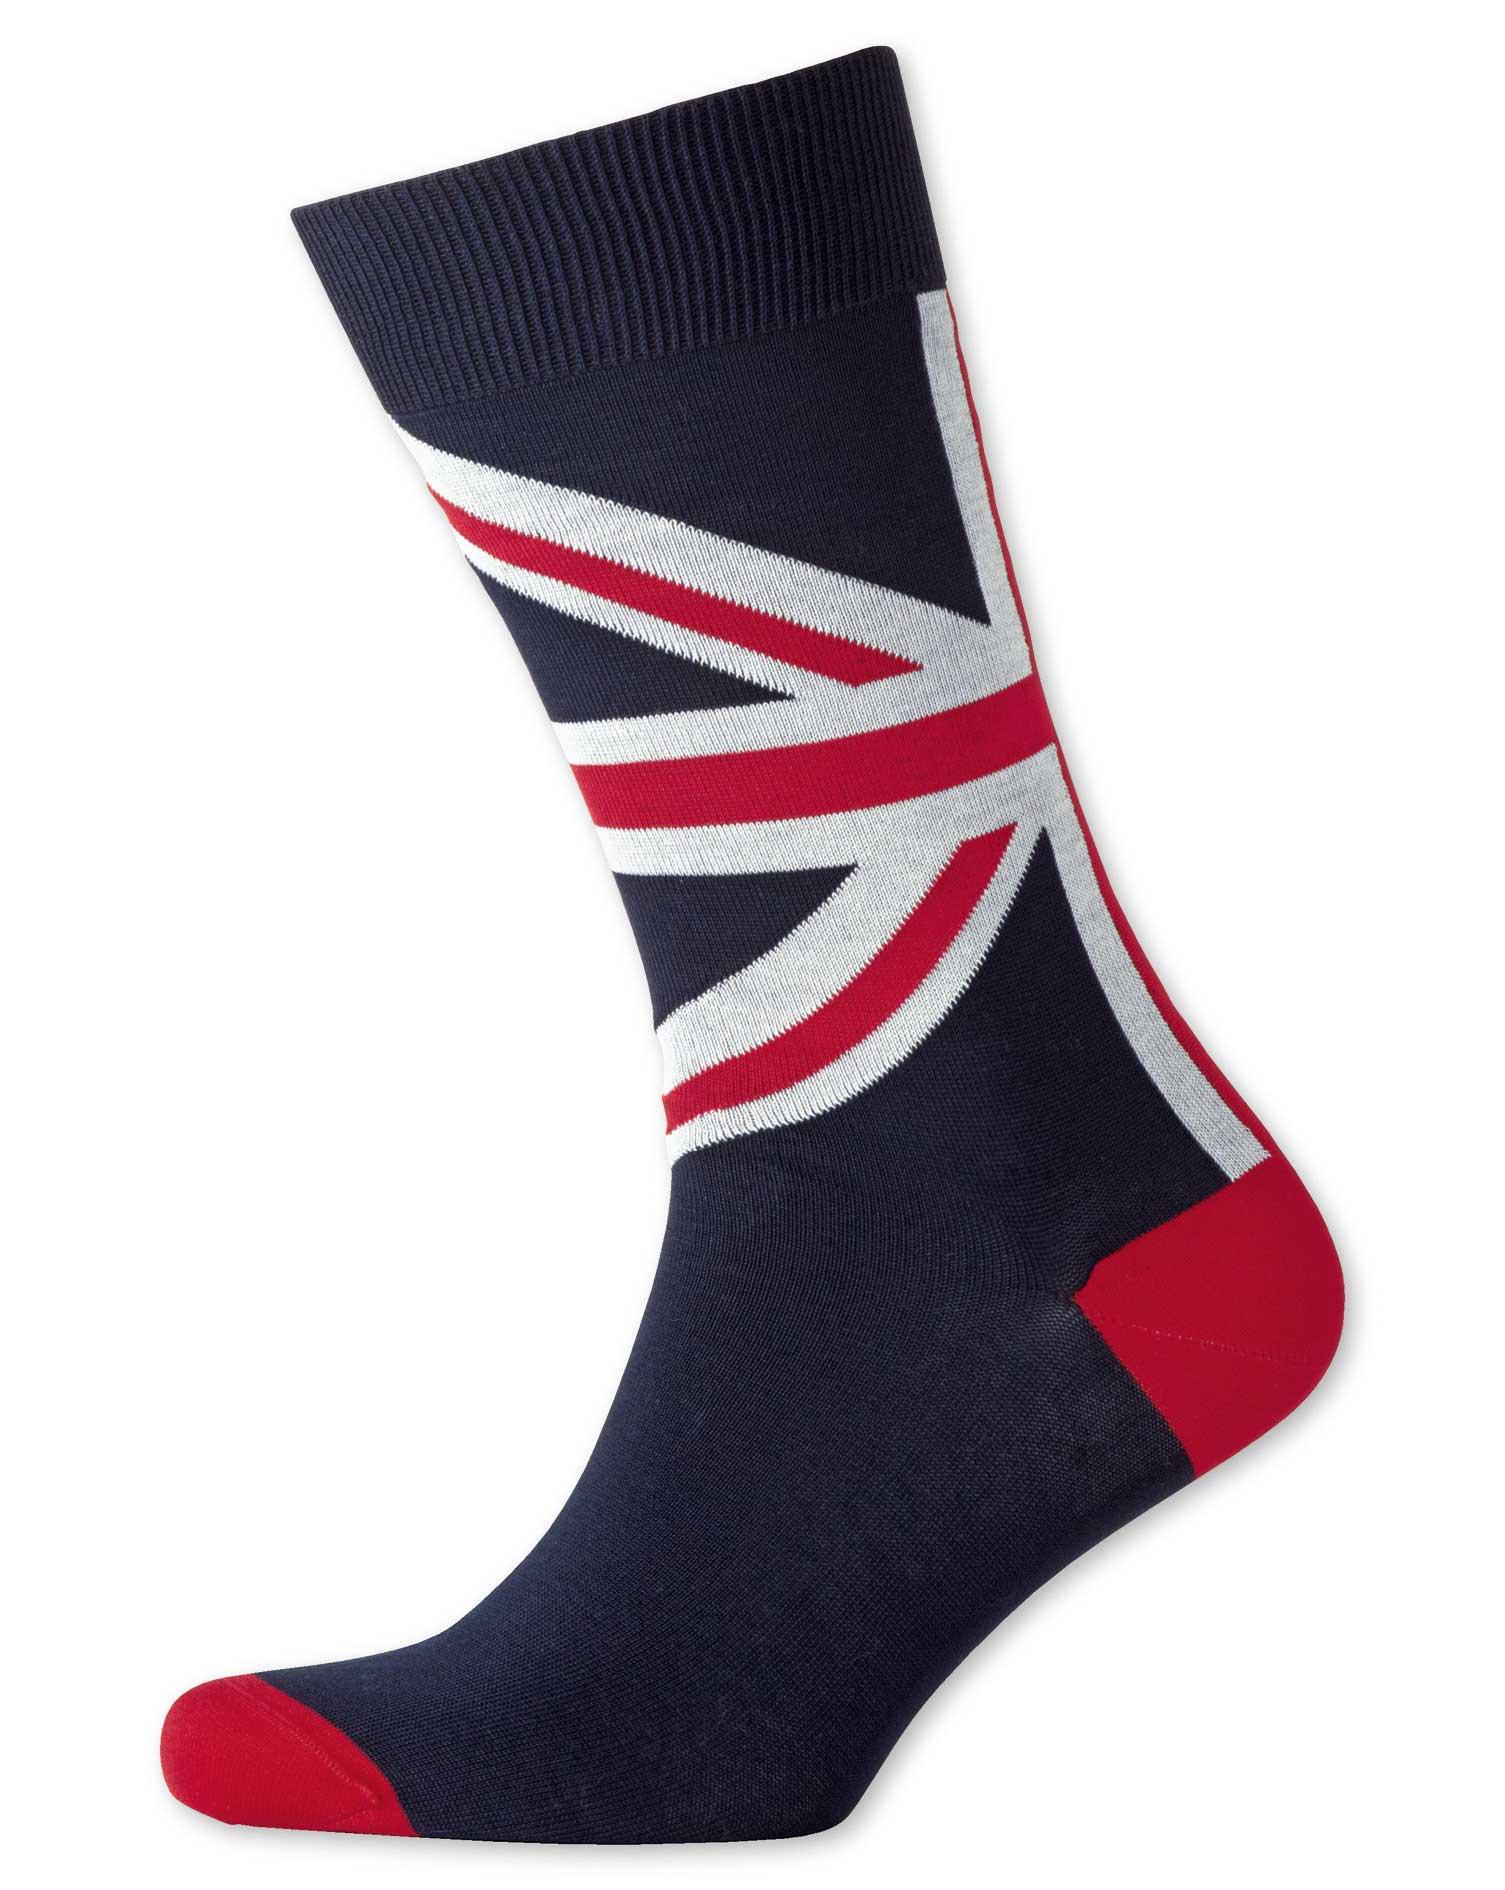 Navy Union Jack Socks Size Medium by Charles Tyrwhitt